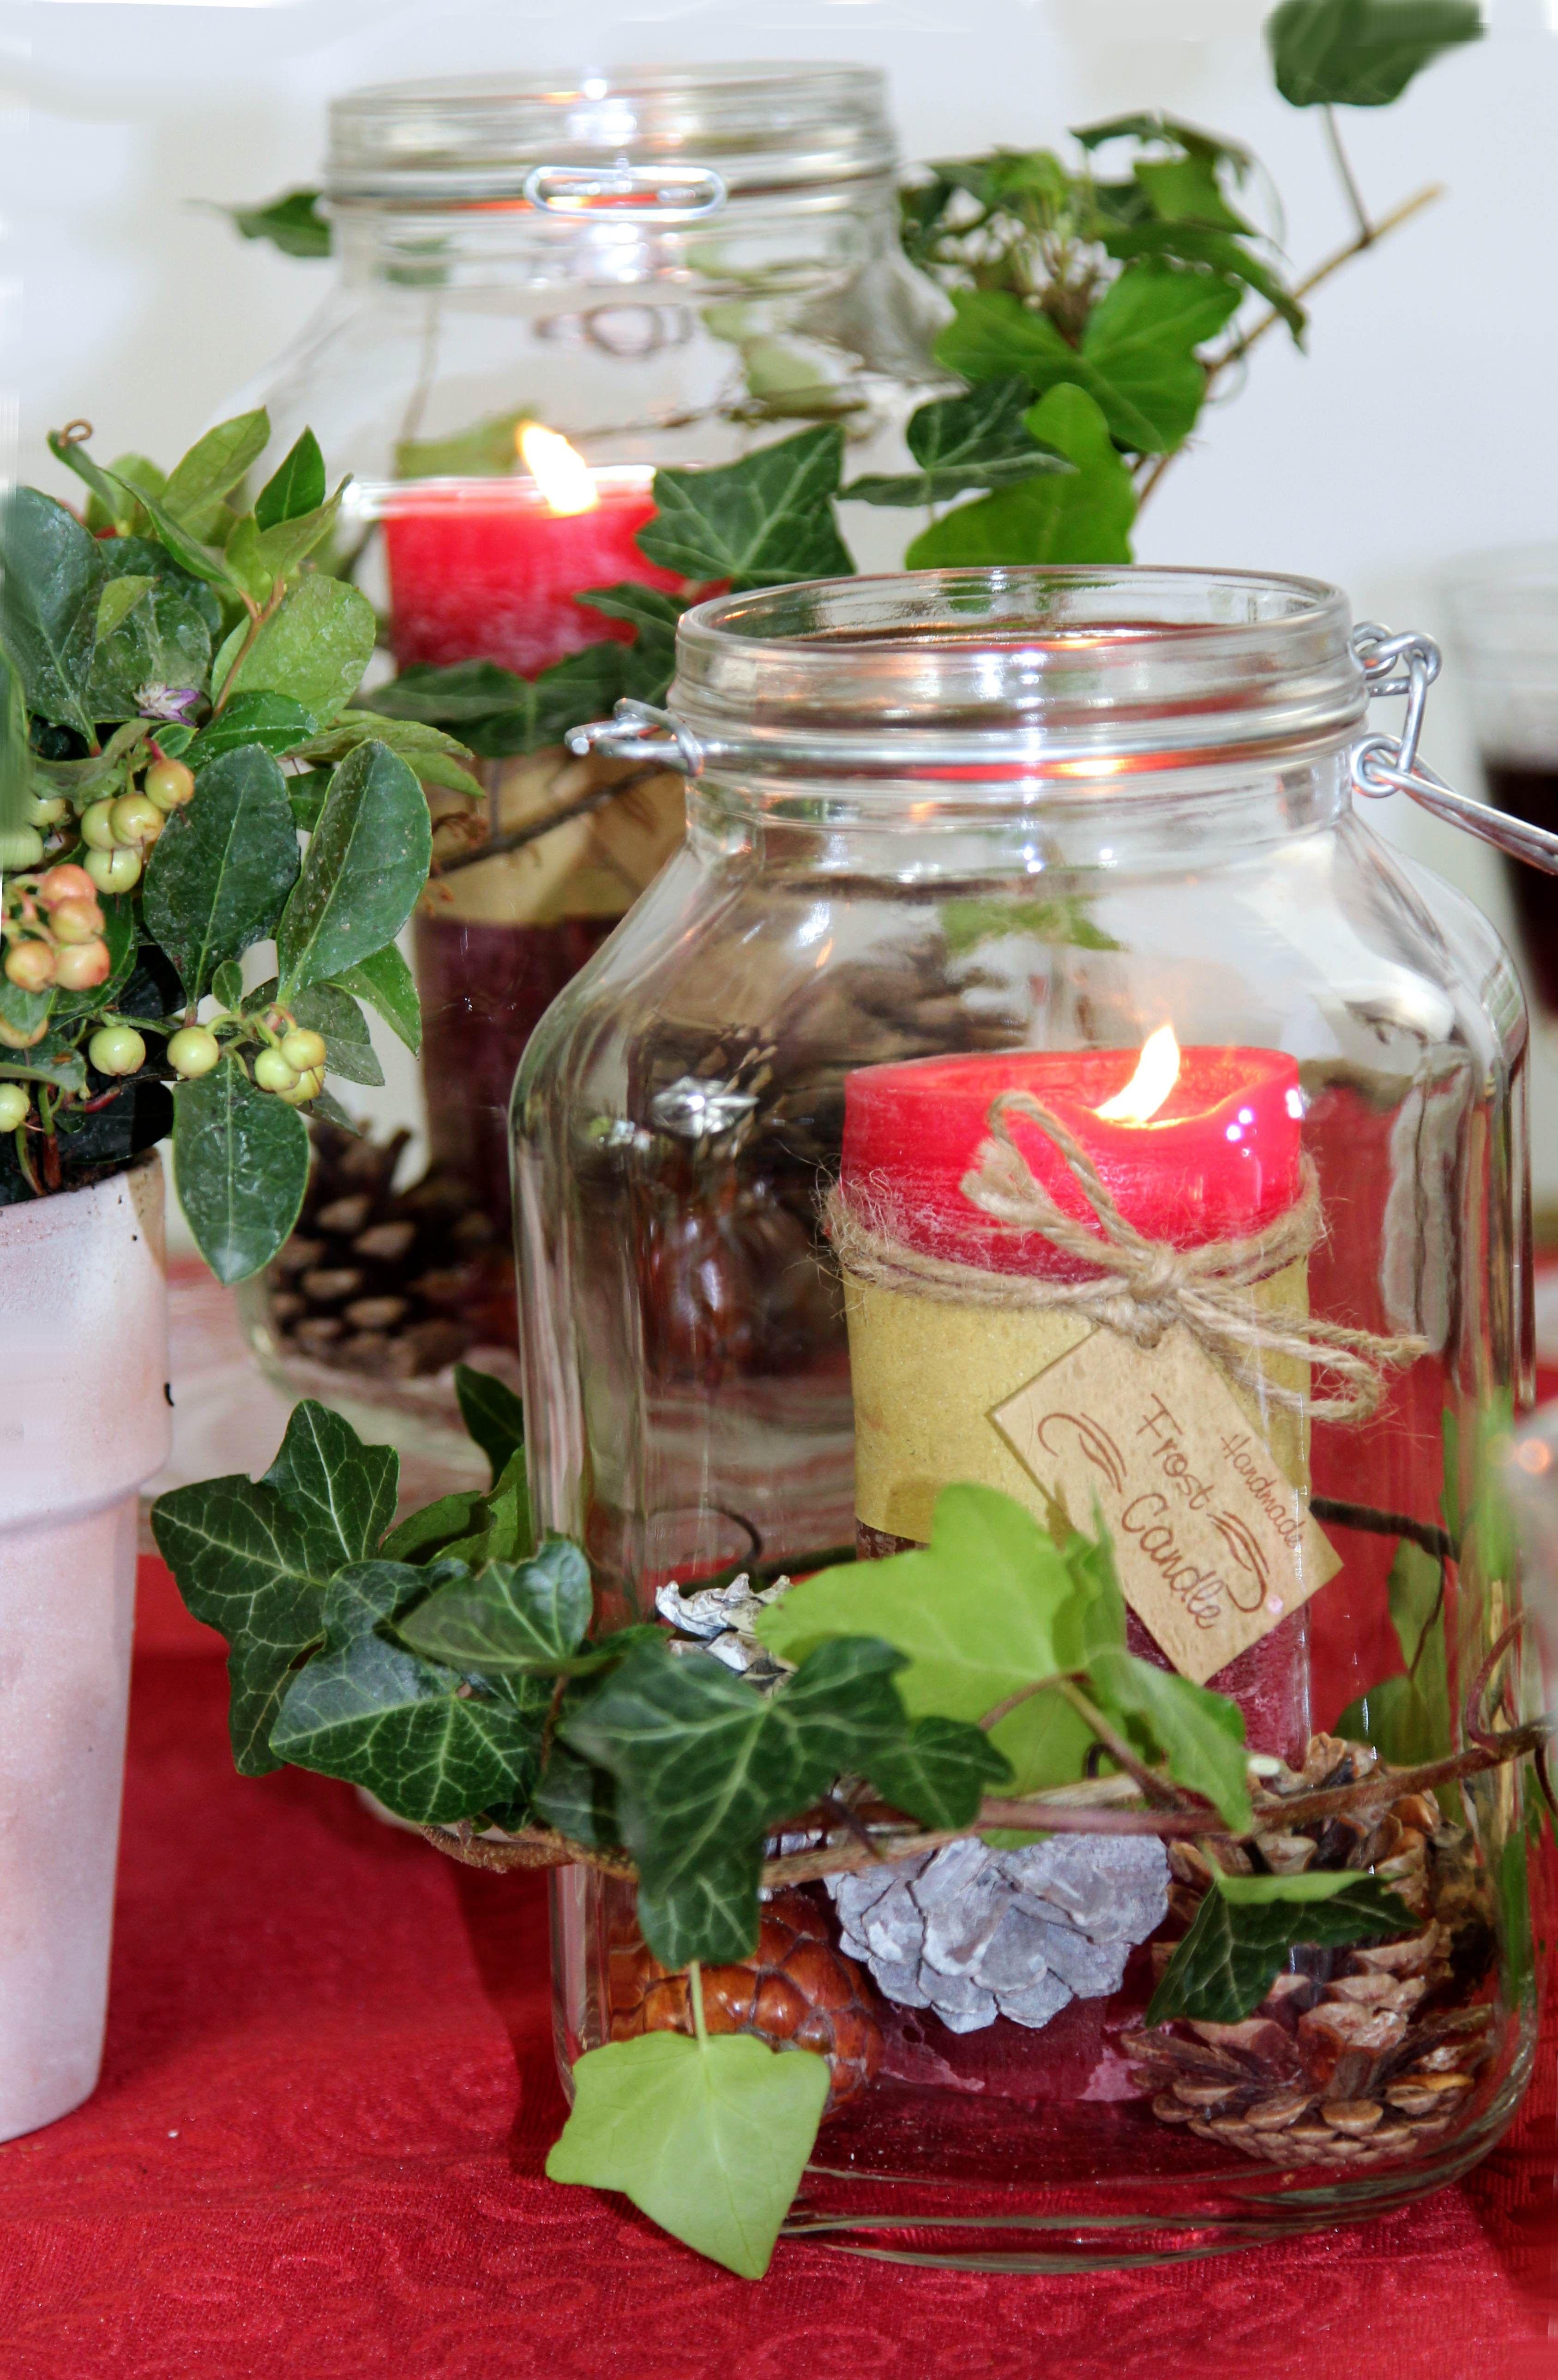 Dekorierte weckgl ser als windlichter tischdecke sander for Herbst dekoration im glas